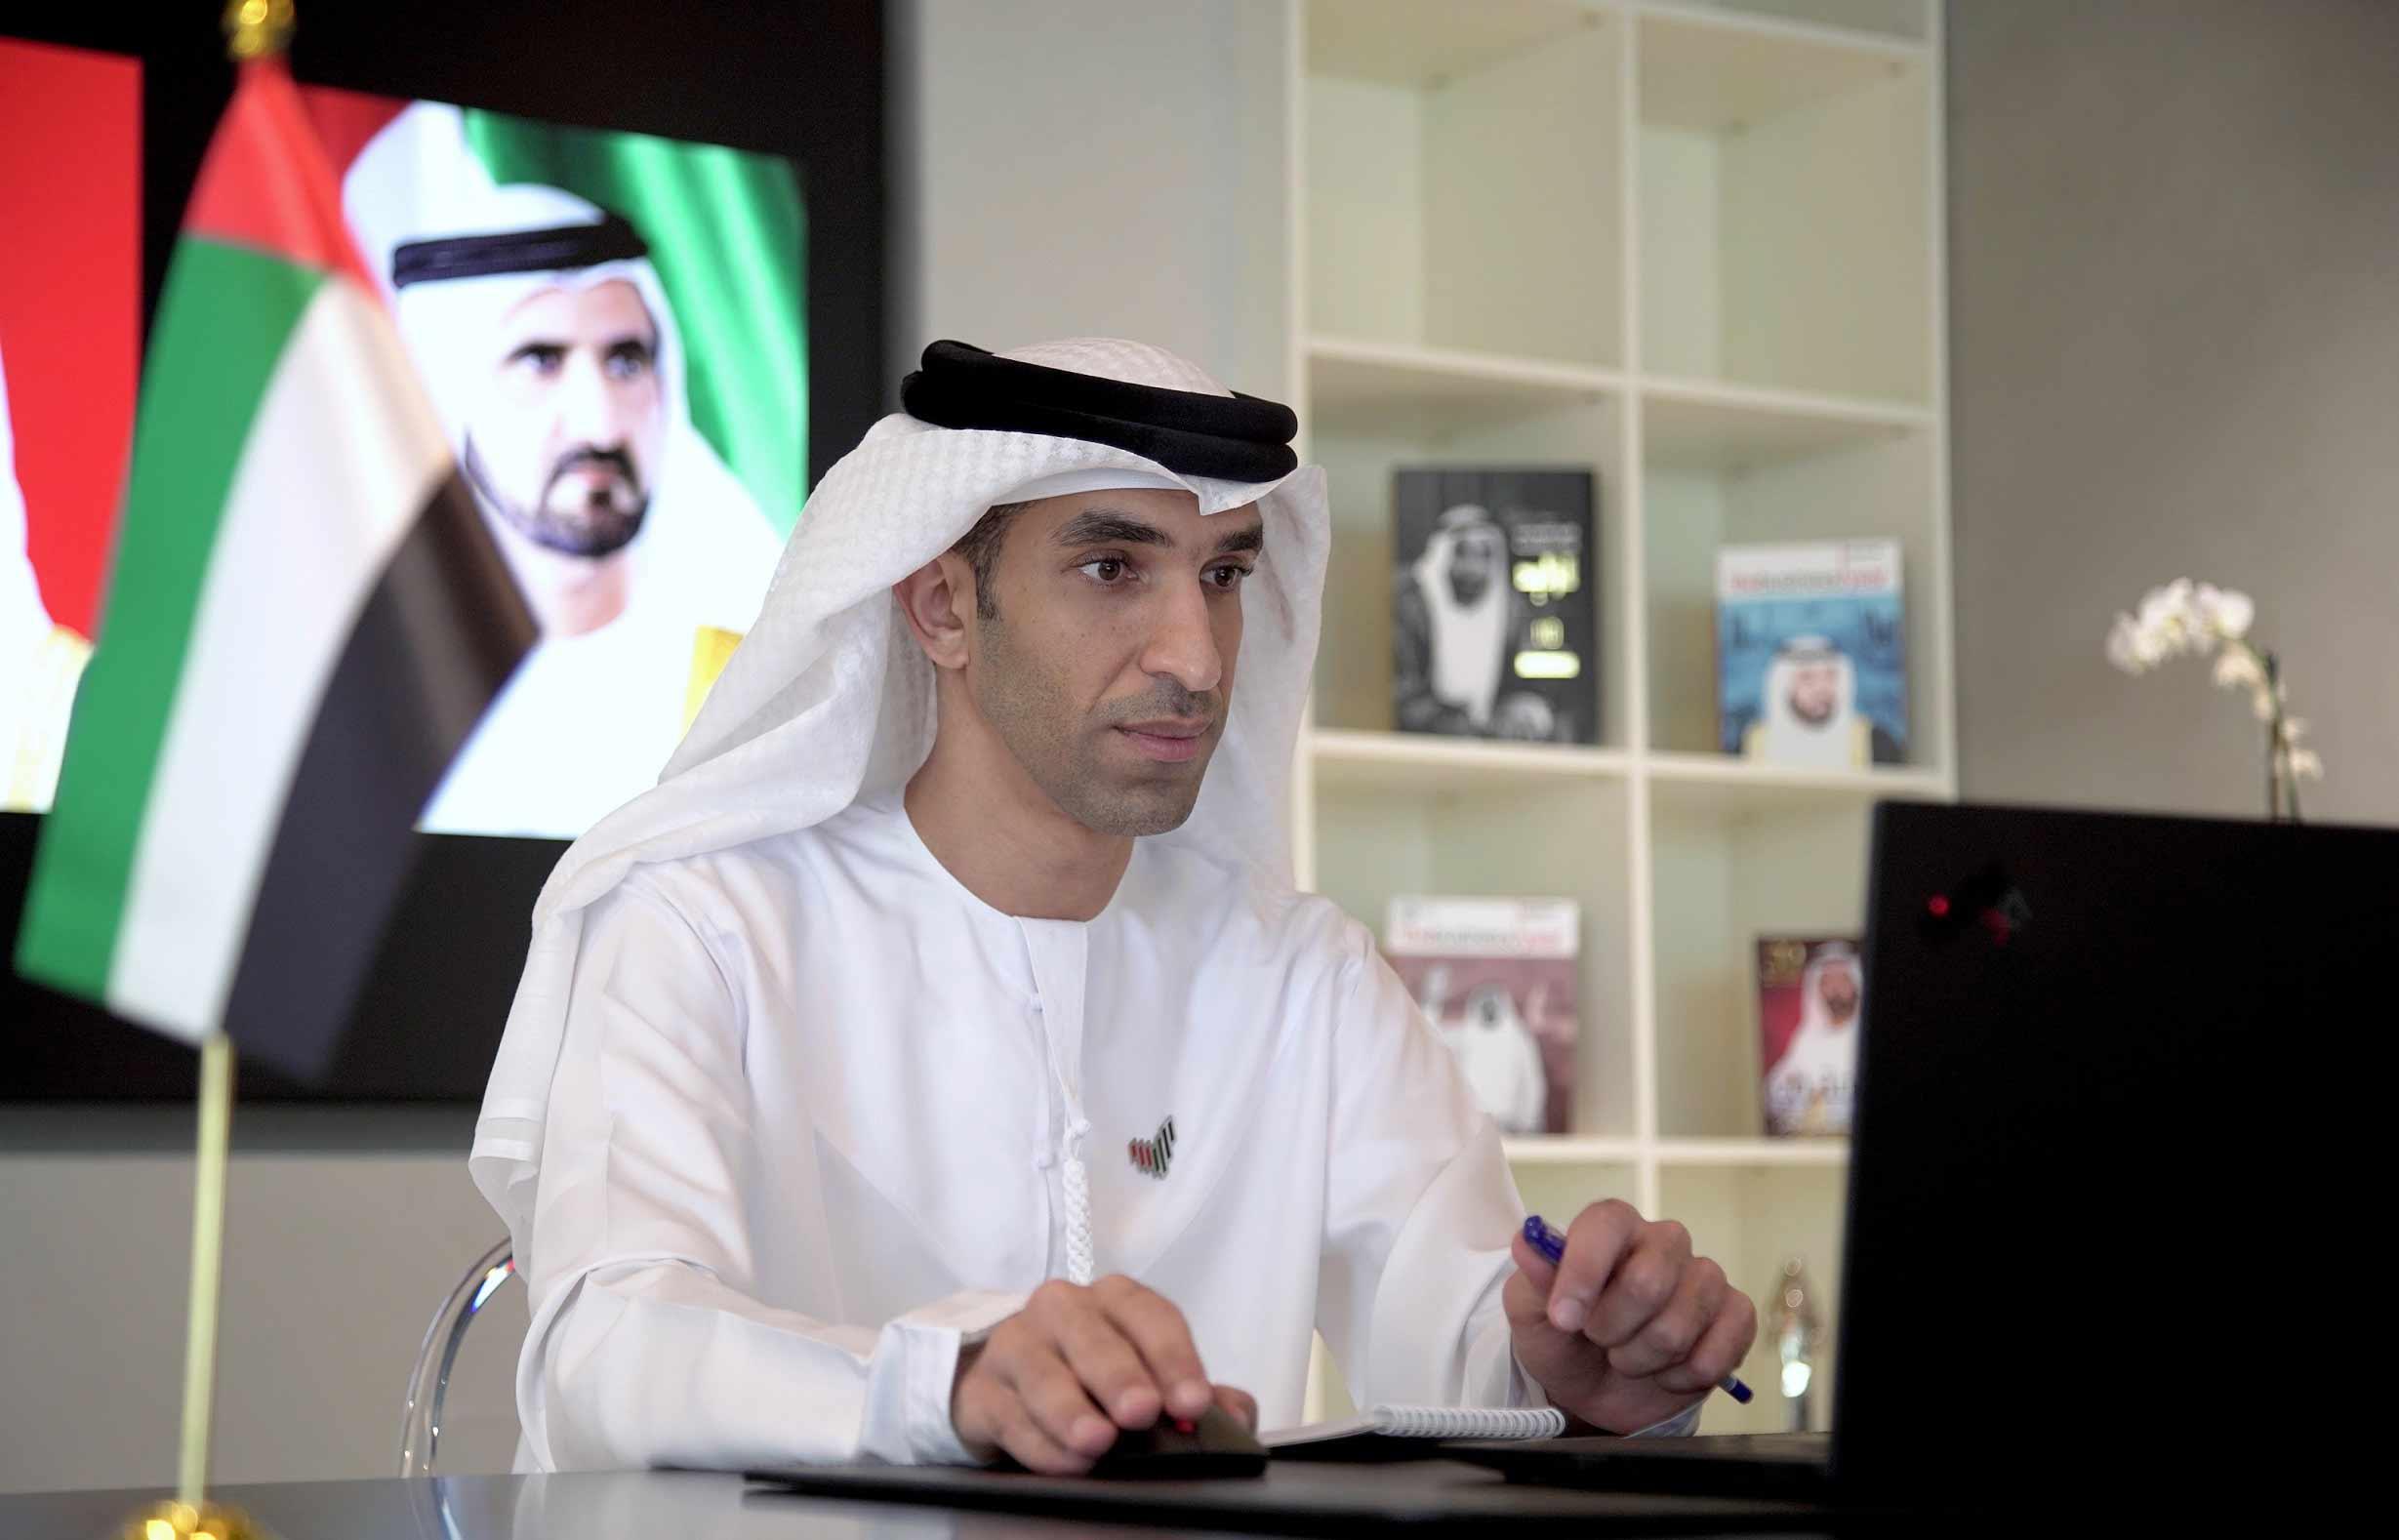 الإمارات تؤكد التزامها بدعم الجهود المبذولة لتنشيط حركة التجارة والاستثمار الدولي